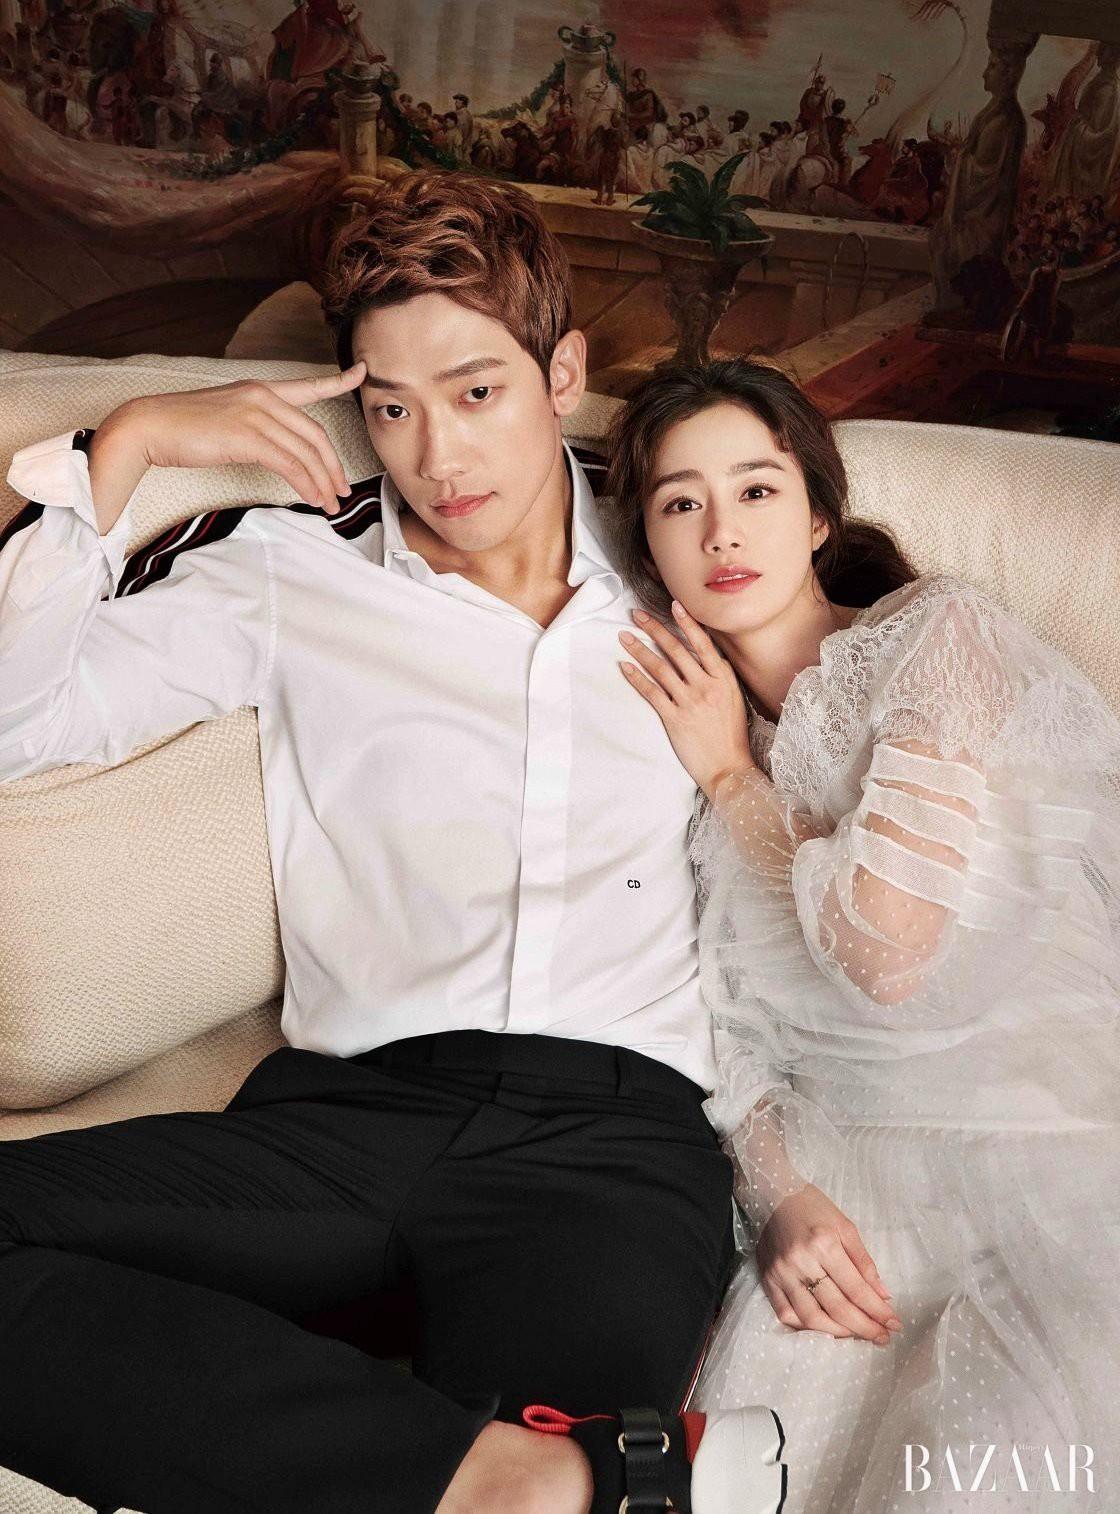 Tin mừng đầu ngày: Kim Tae Hee tuyên bố mang thai lần 2 cho chồng Bi Rain sau hơn 1 năm đón con đầu lòng - Ảnh 1.